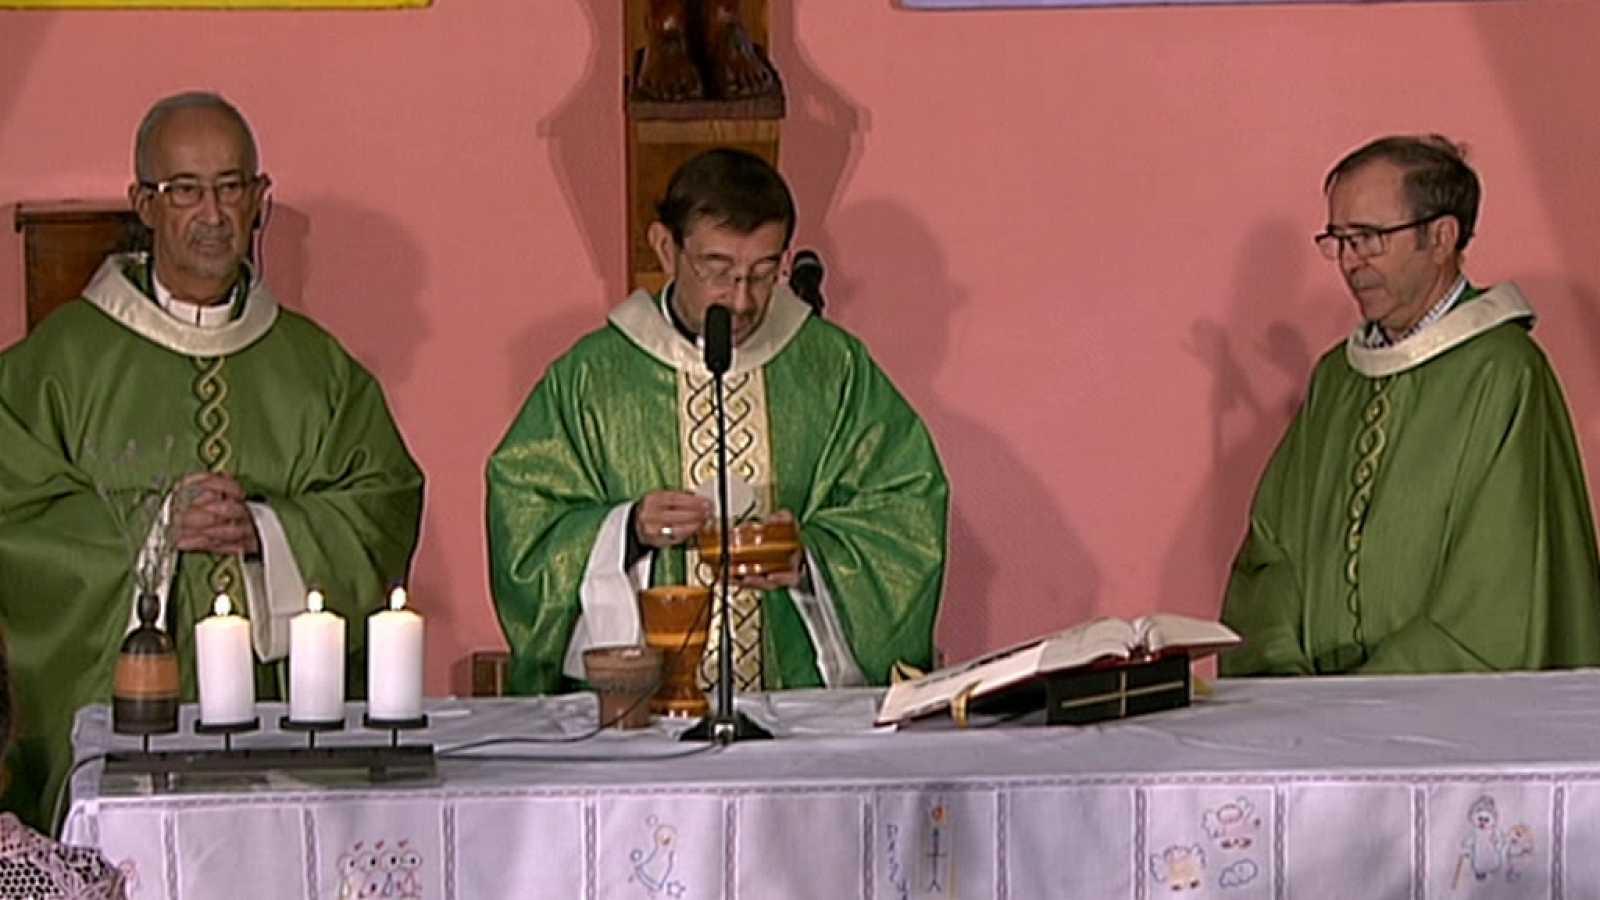 El día del Señor - Parroquia de Santa Irene de Madrid - ver ahora